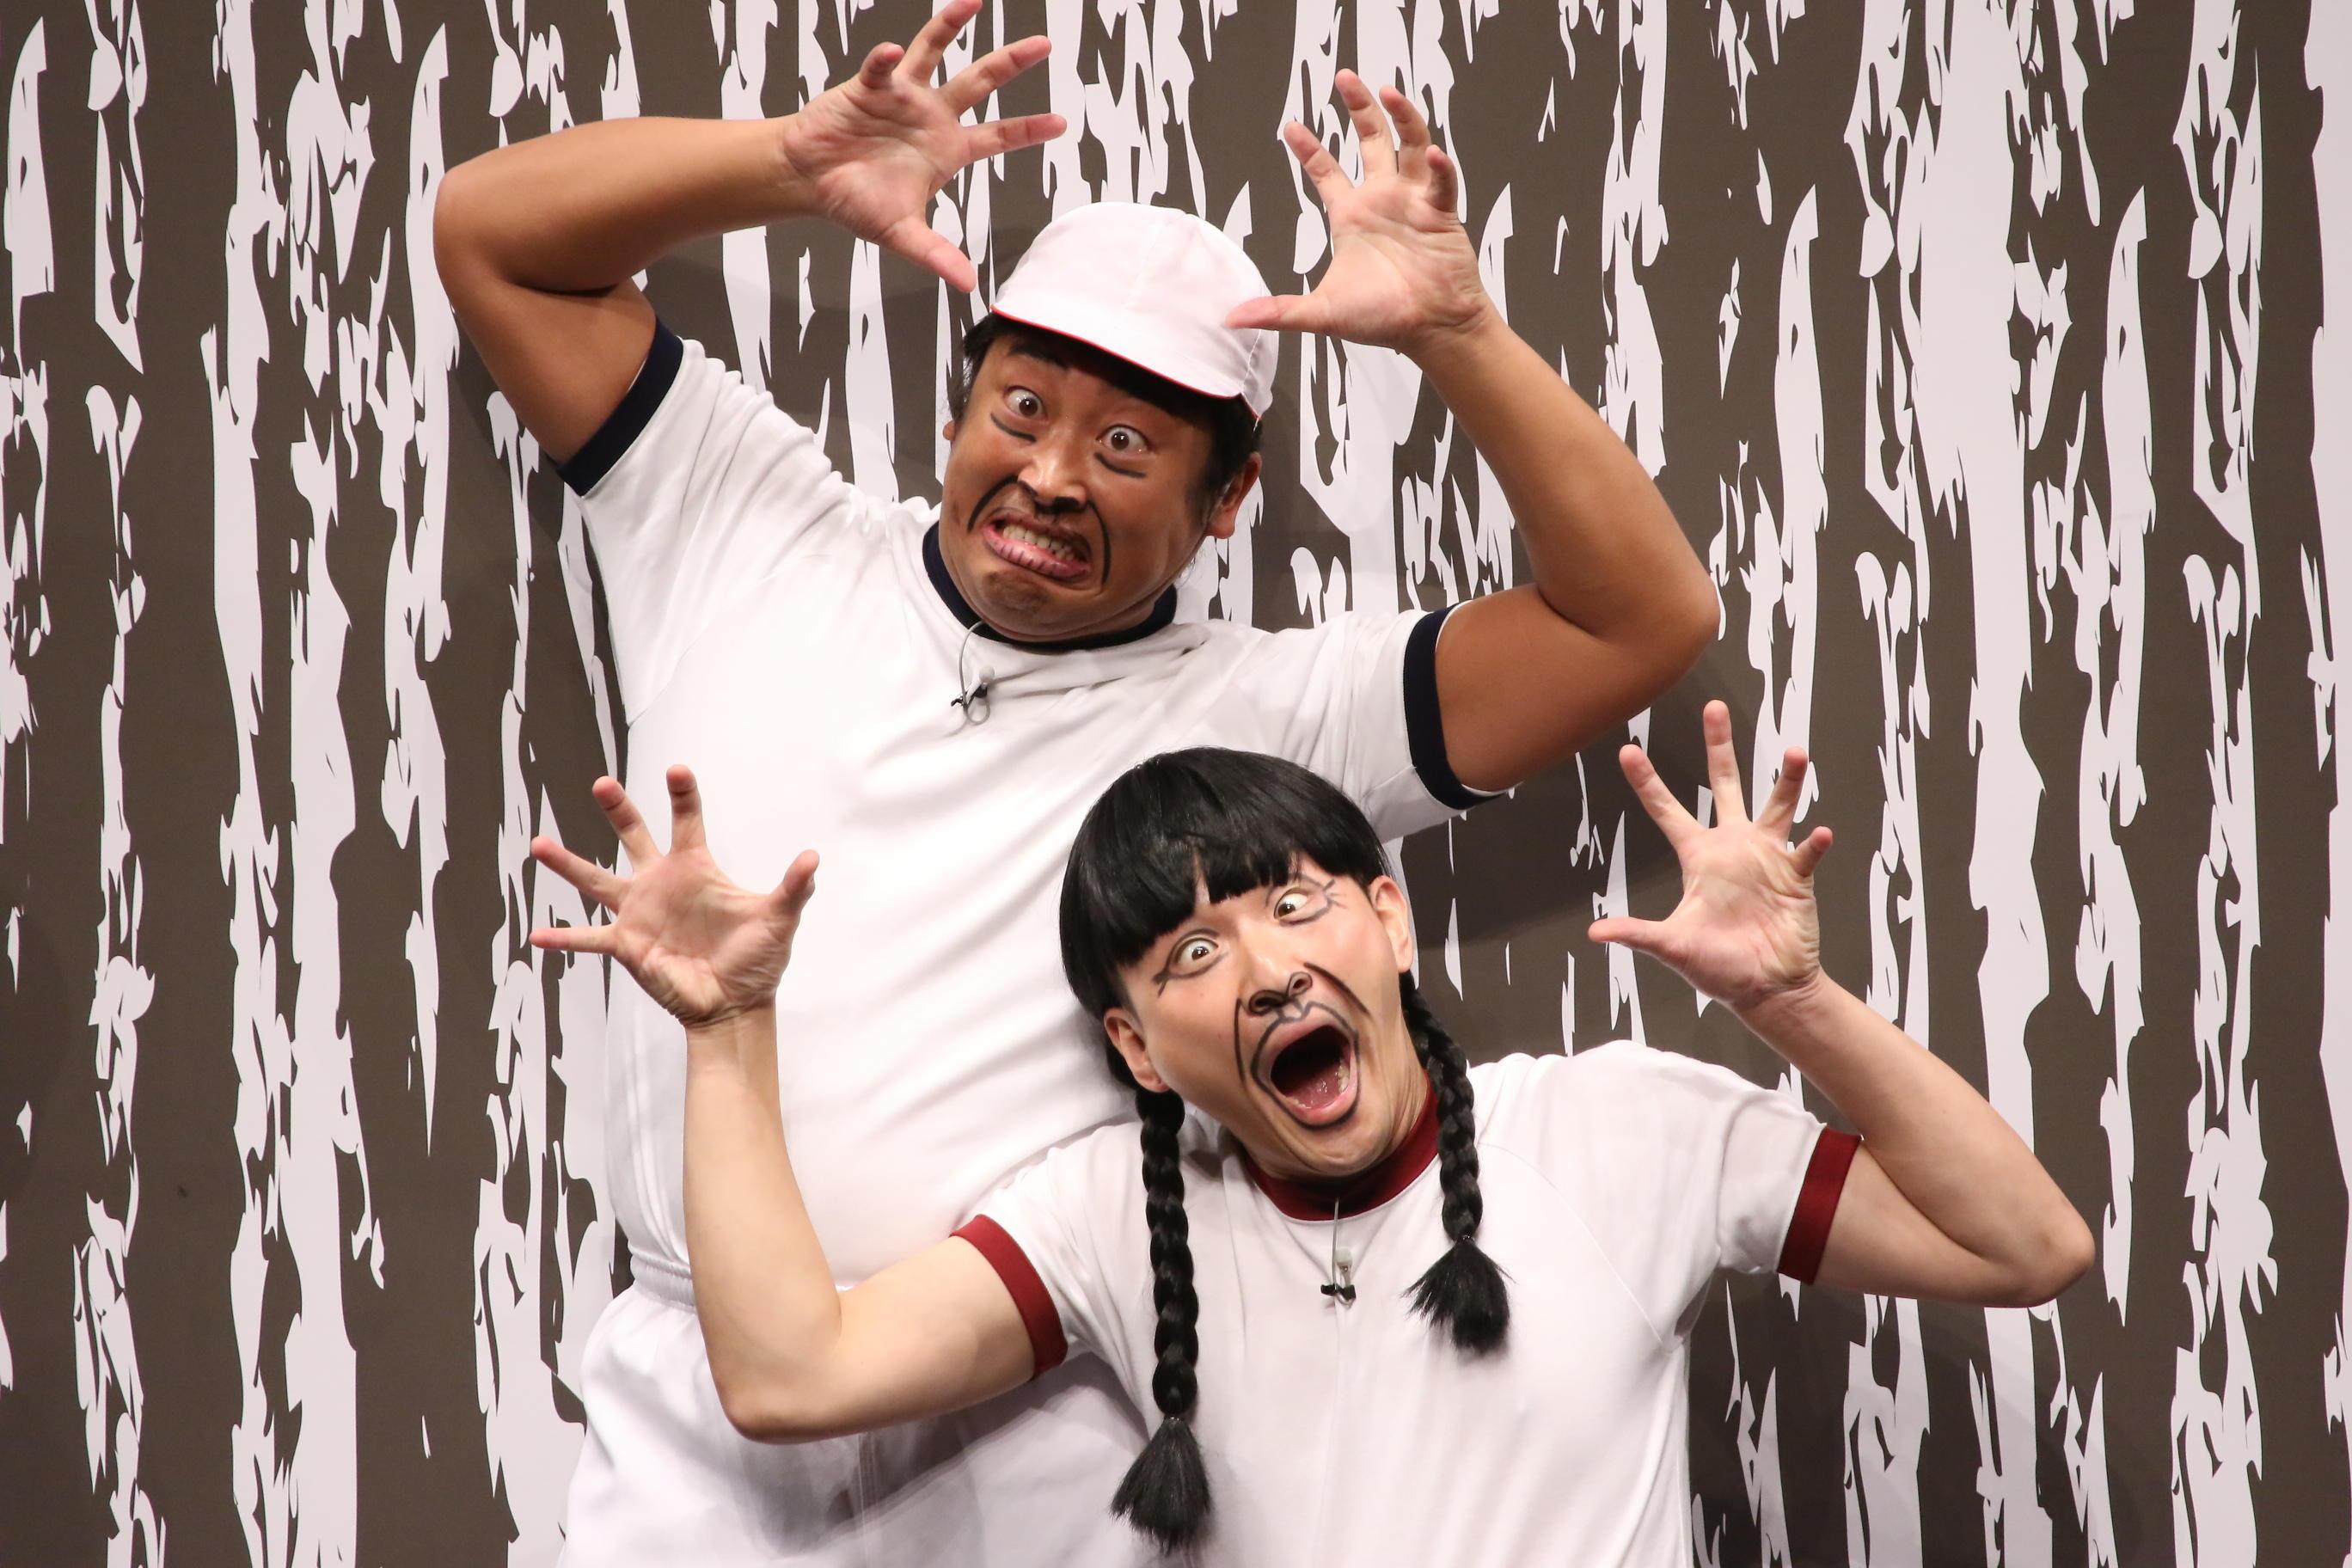 http://news.yoshimoto.co.jp/20190111103048-619fe4f5161baf588b806022a08b335b71ce87ef.jpg